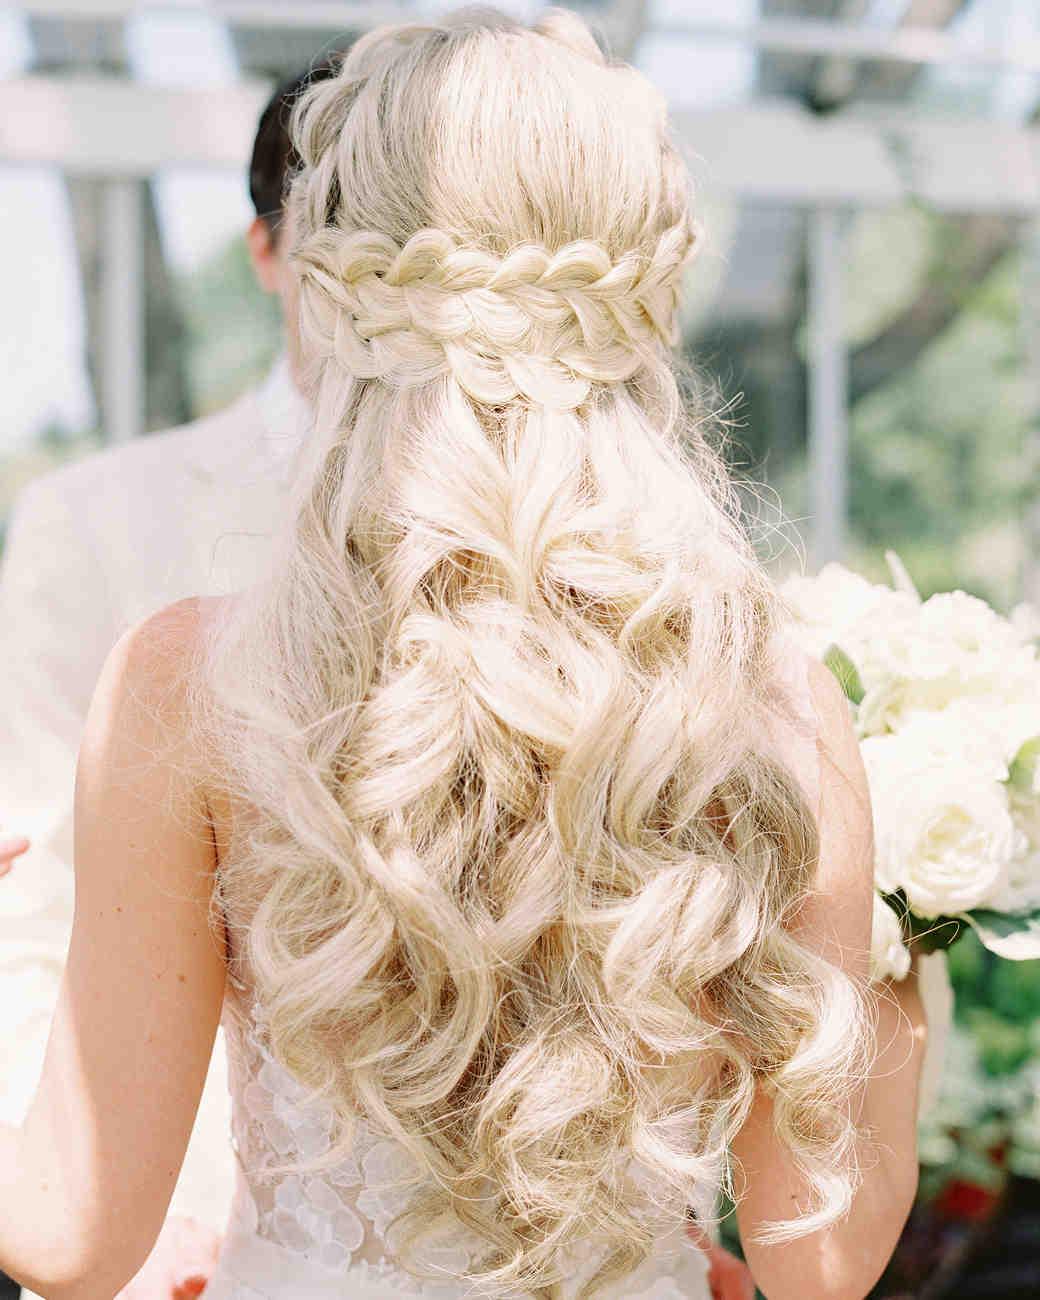 28 HalfUp HalfDown Wedding Hairstyles We Love  Martha Stewart Weddings